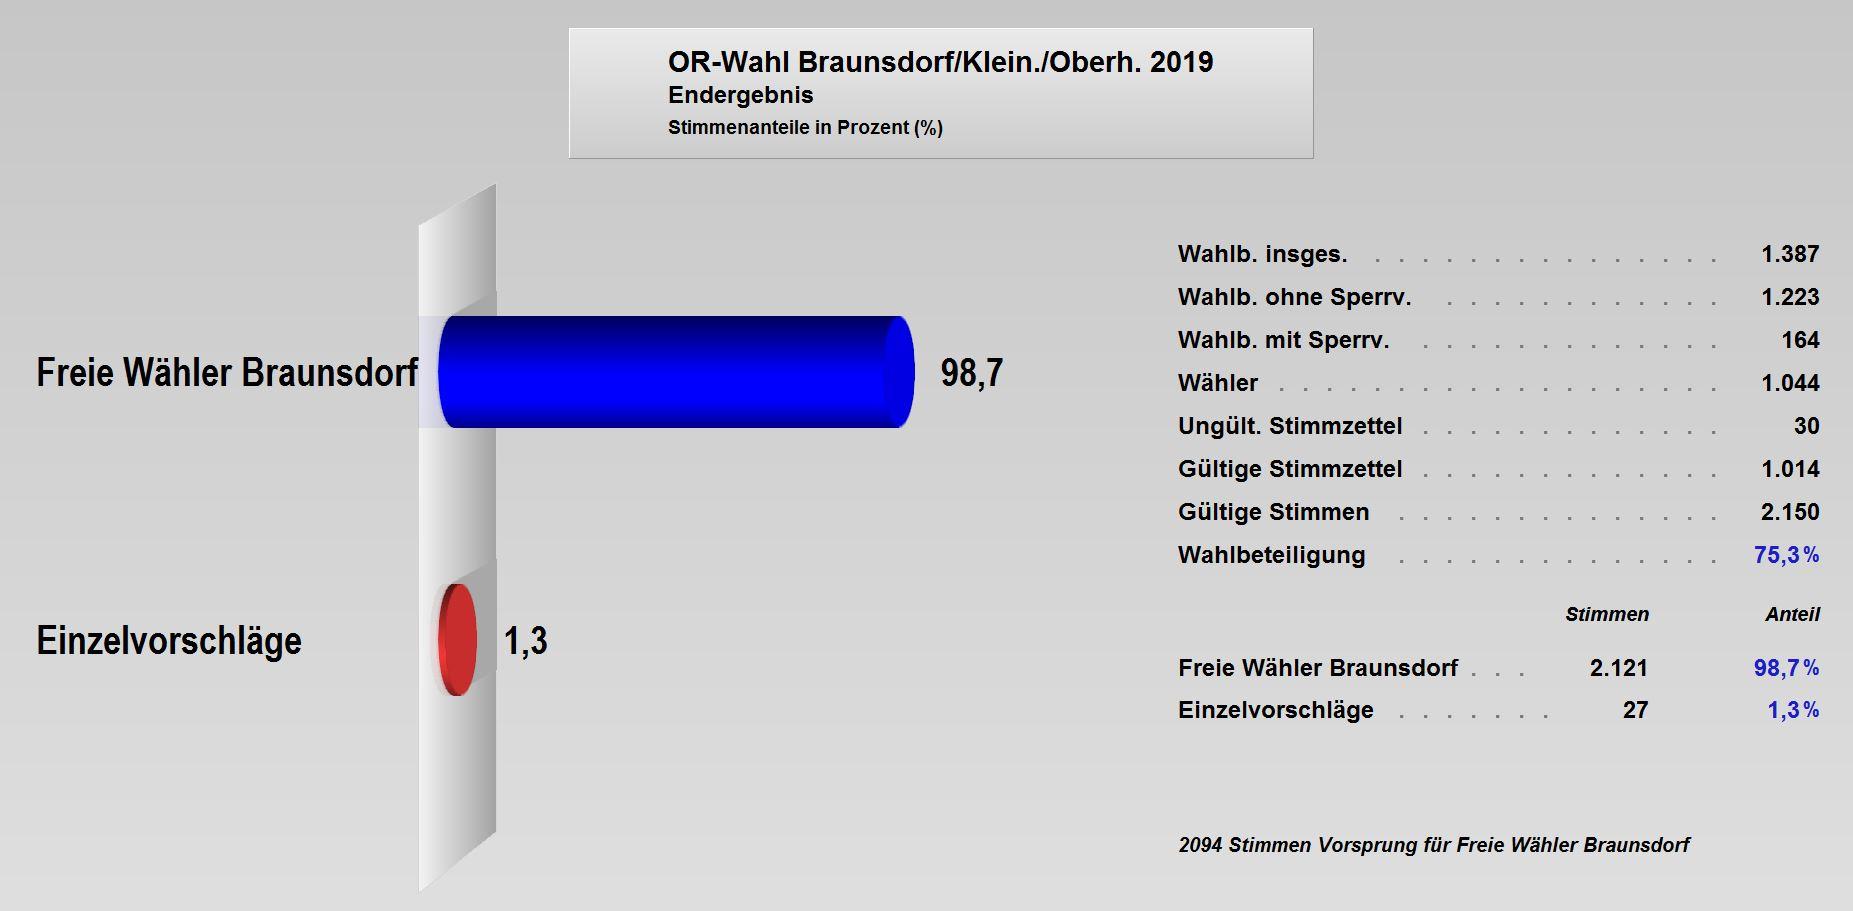 OR-Wahl_2019_Endergebnis_Braunsdorf.JPG